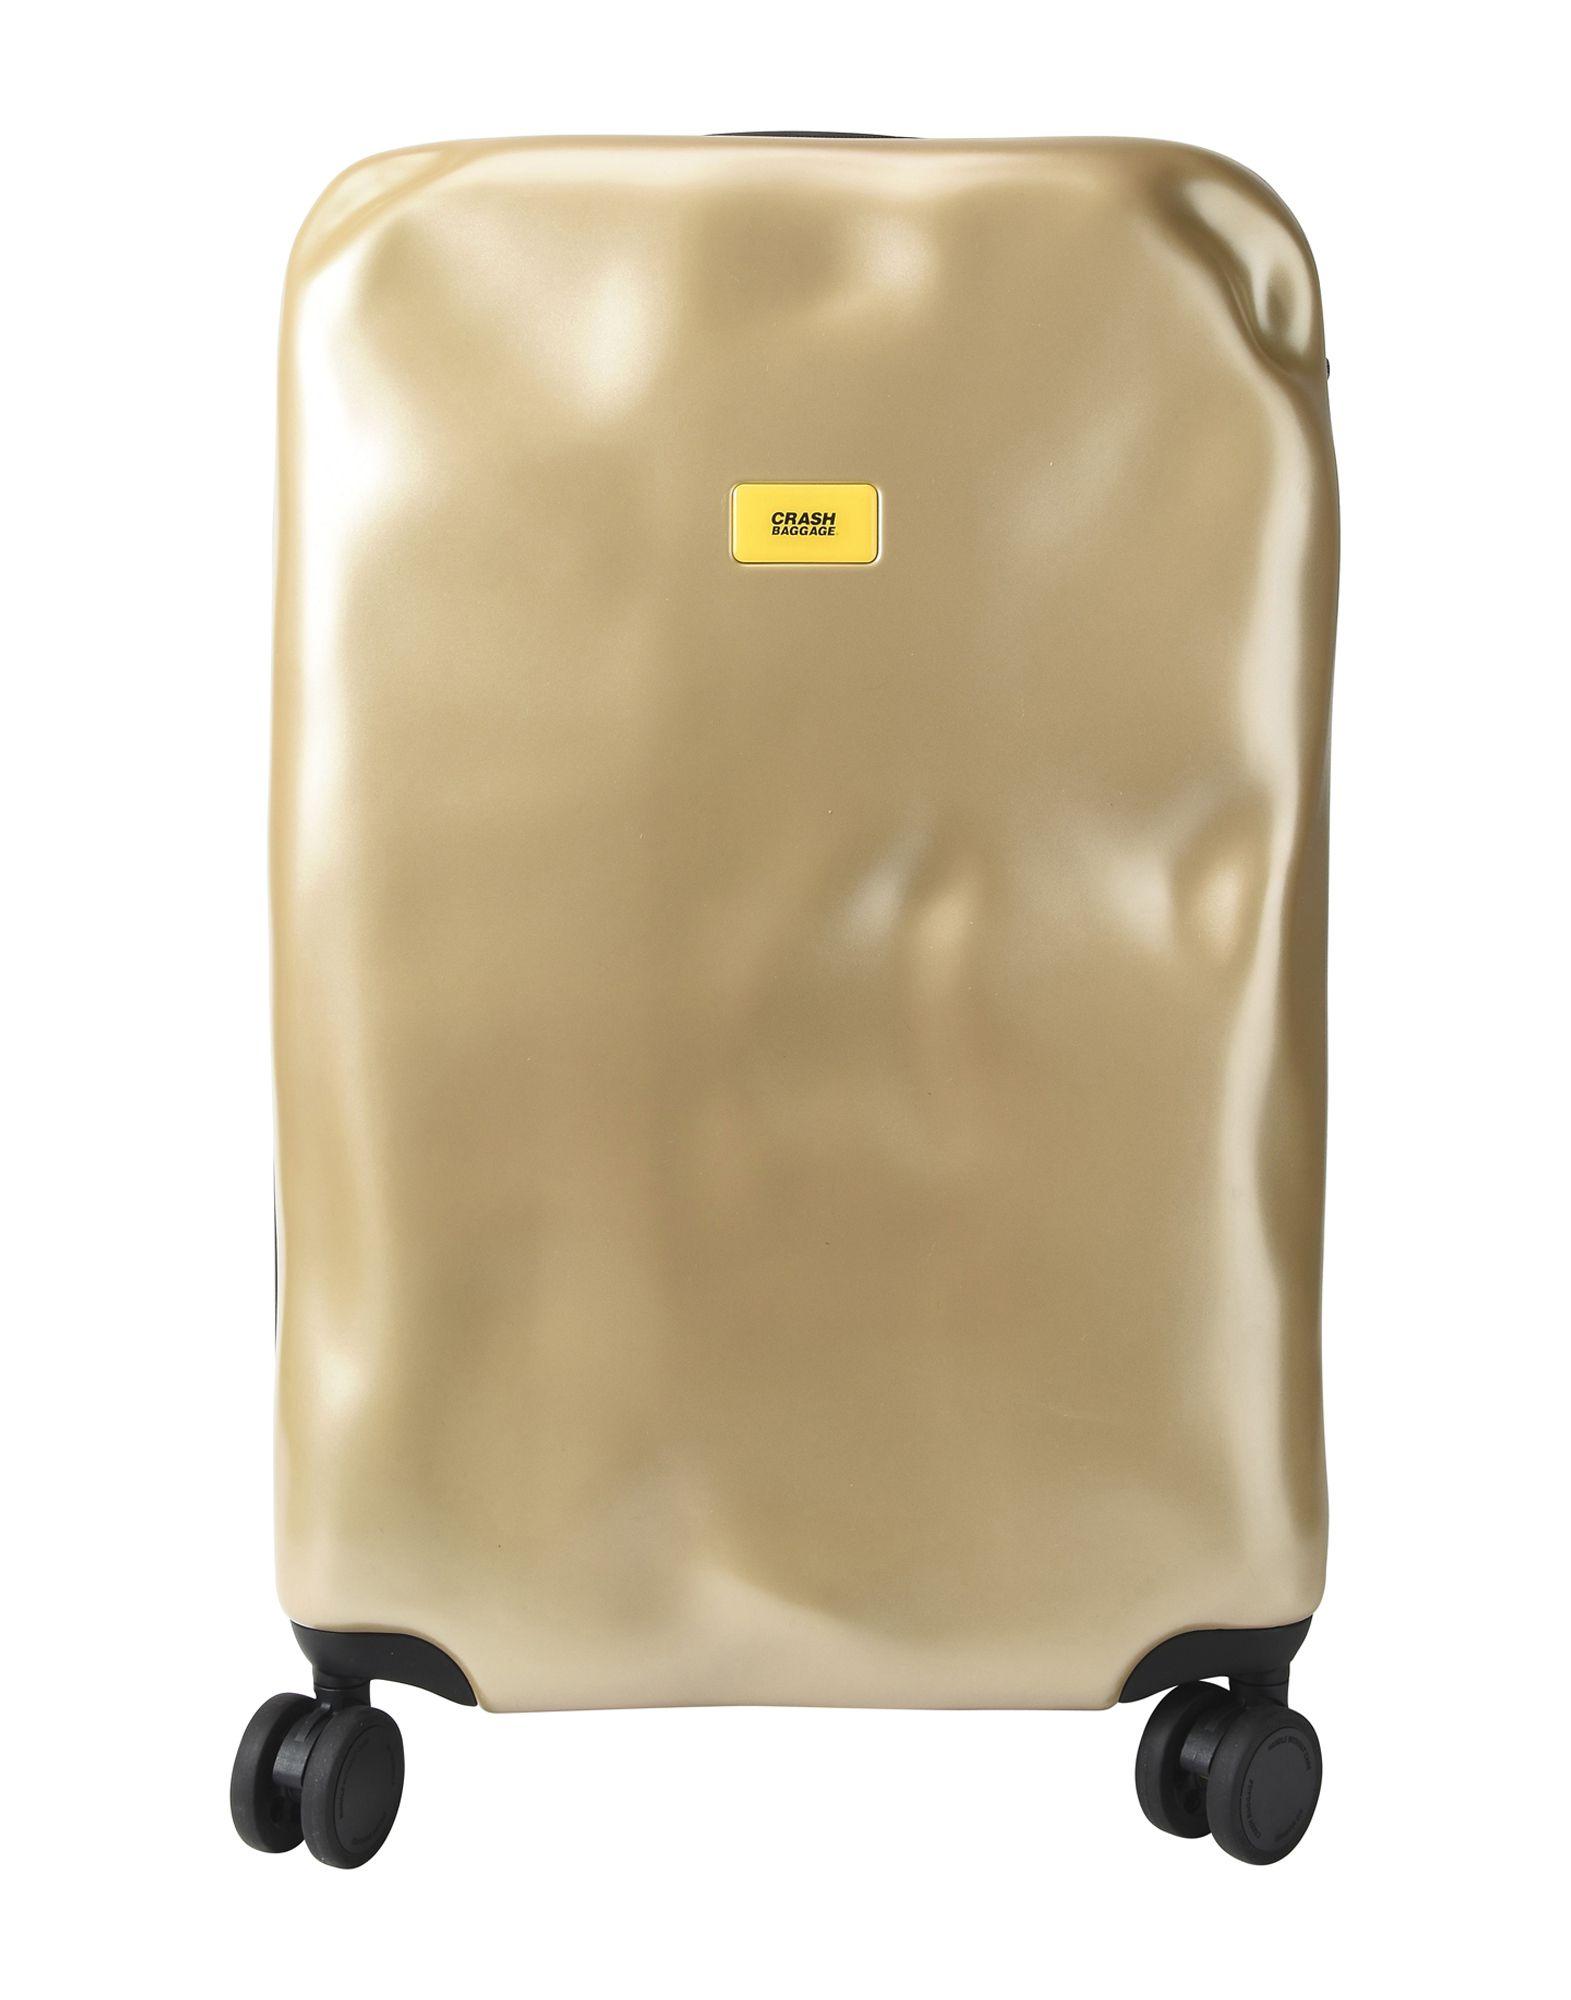 《期間限定セール中》CRASH BAGGAGE Unisex キャスター付きバッグ ゴールド ポリカーボネート ICON Medium 4w.